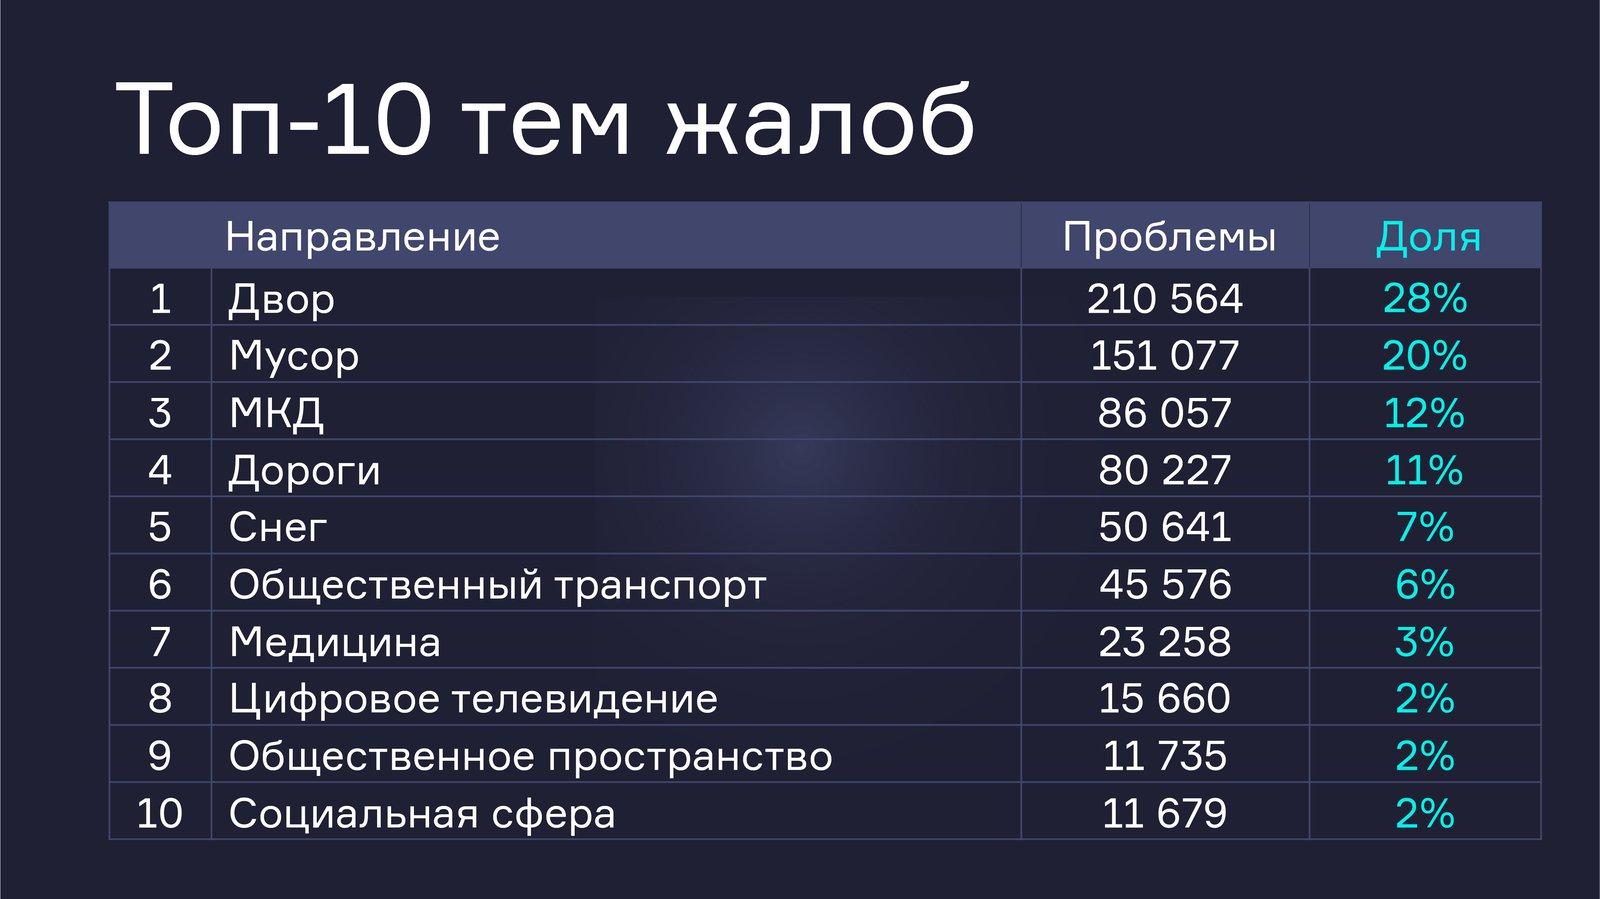 Андрей Воробьев губернатор московской области - Ежегодное обращение губернатора к жителям Подмосковья